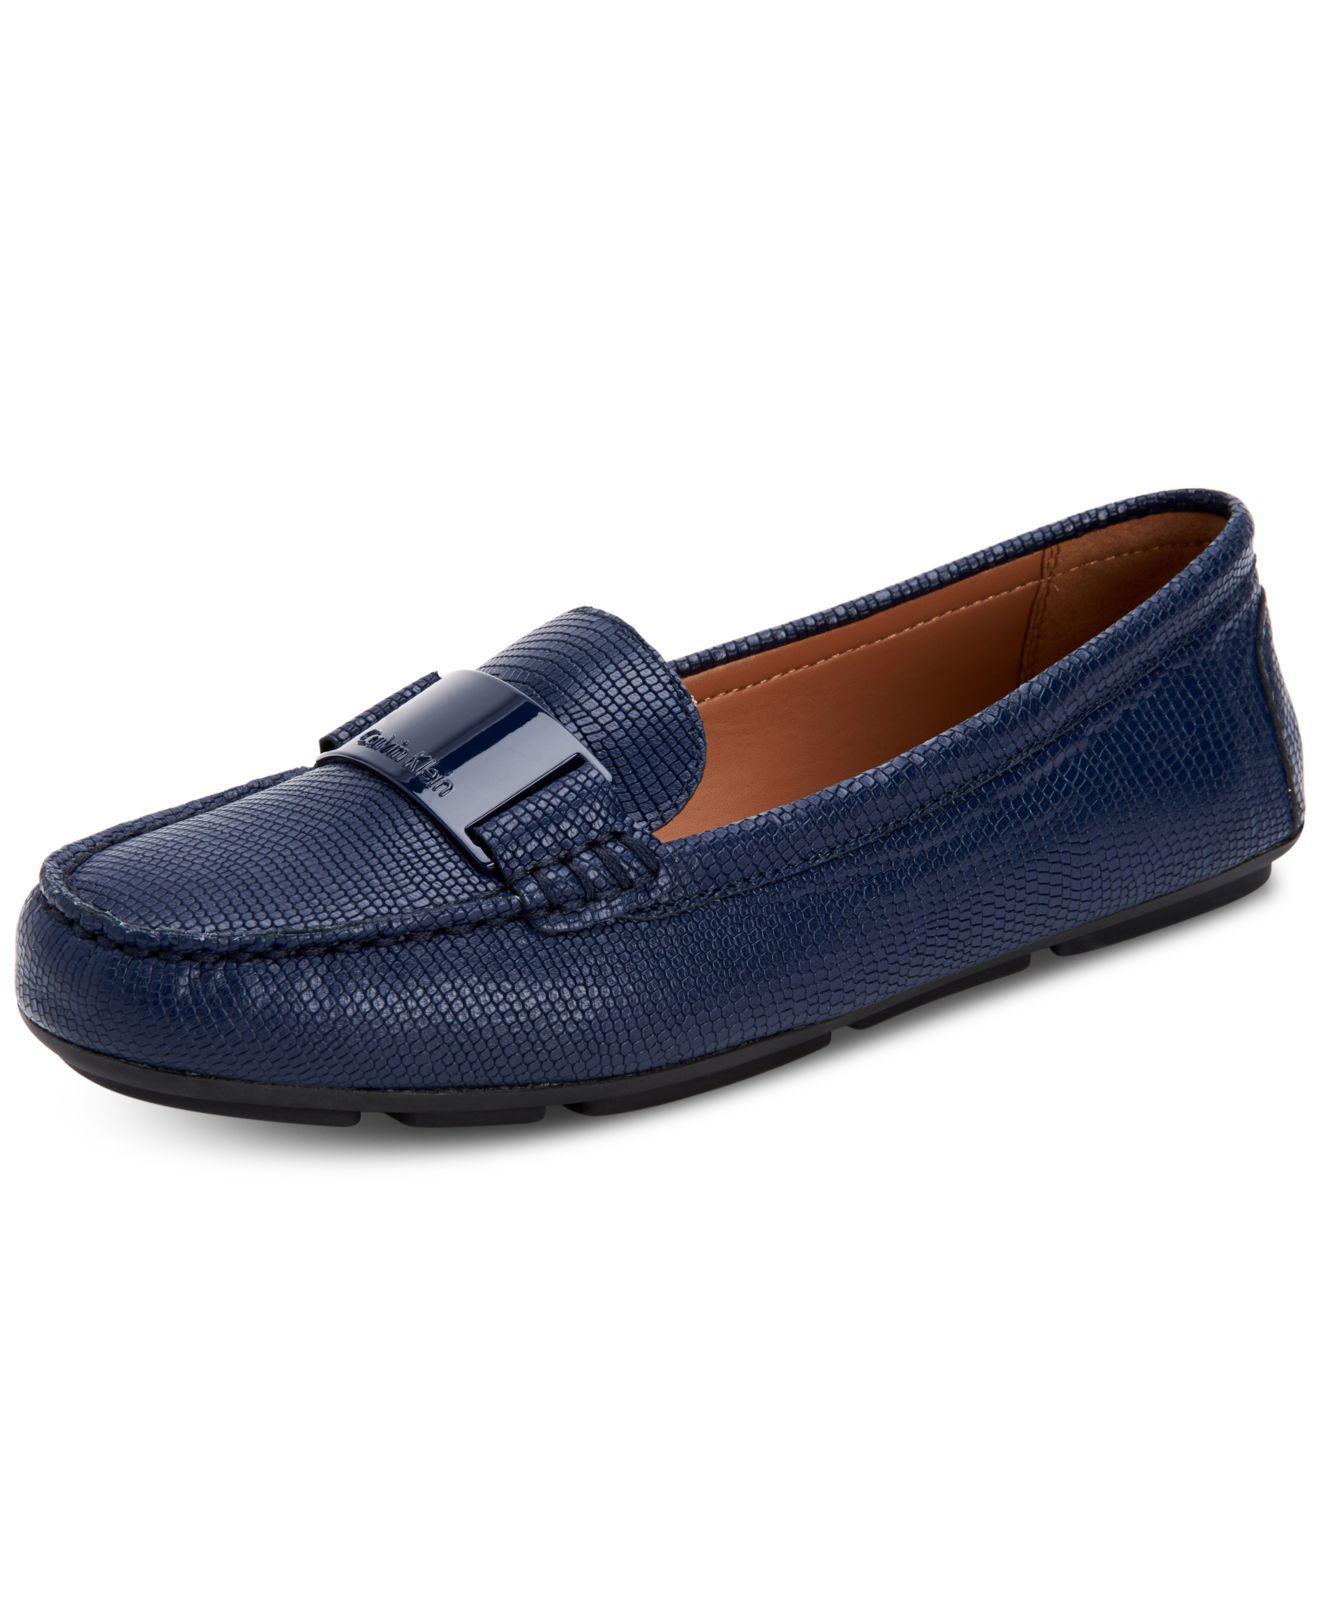 971c37038cb Lyst - Calvin Klein Lisette Flats in Blue